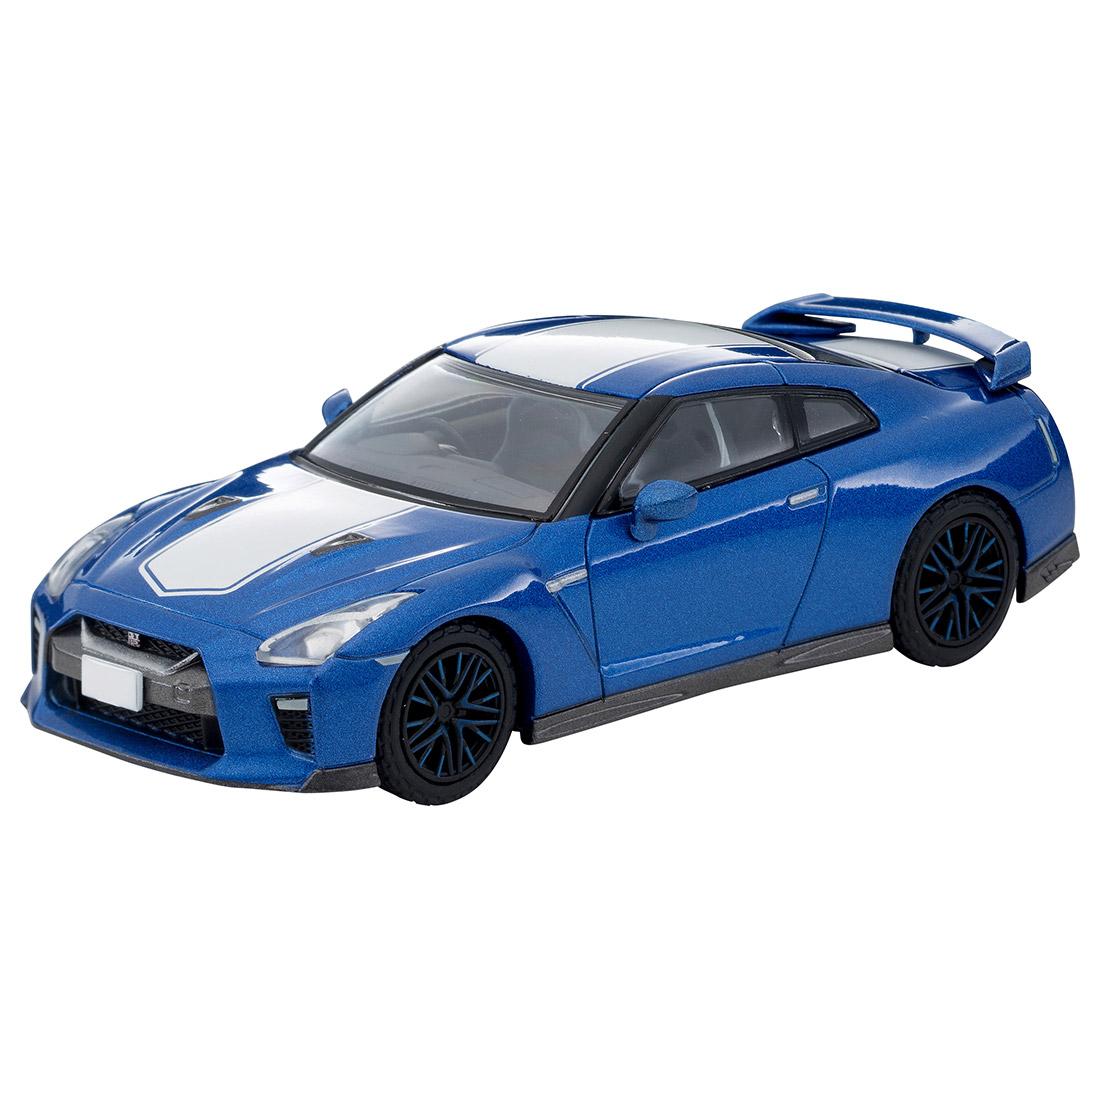 トミカリミテッドヴィンテージ ネオ LV-N200a『日産GT-R 50th ANNIVERSARY(青)』1/64 ミニカー-001